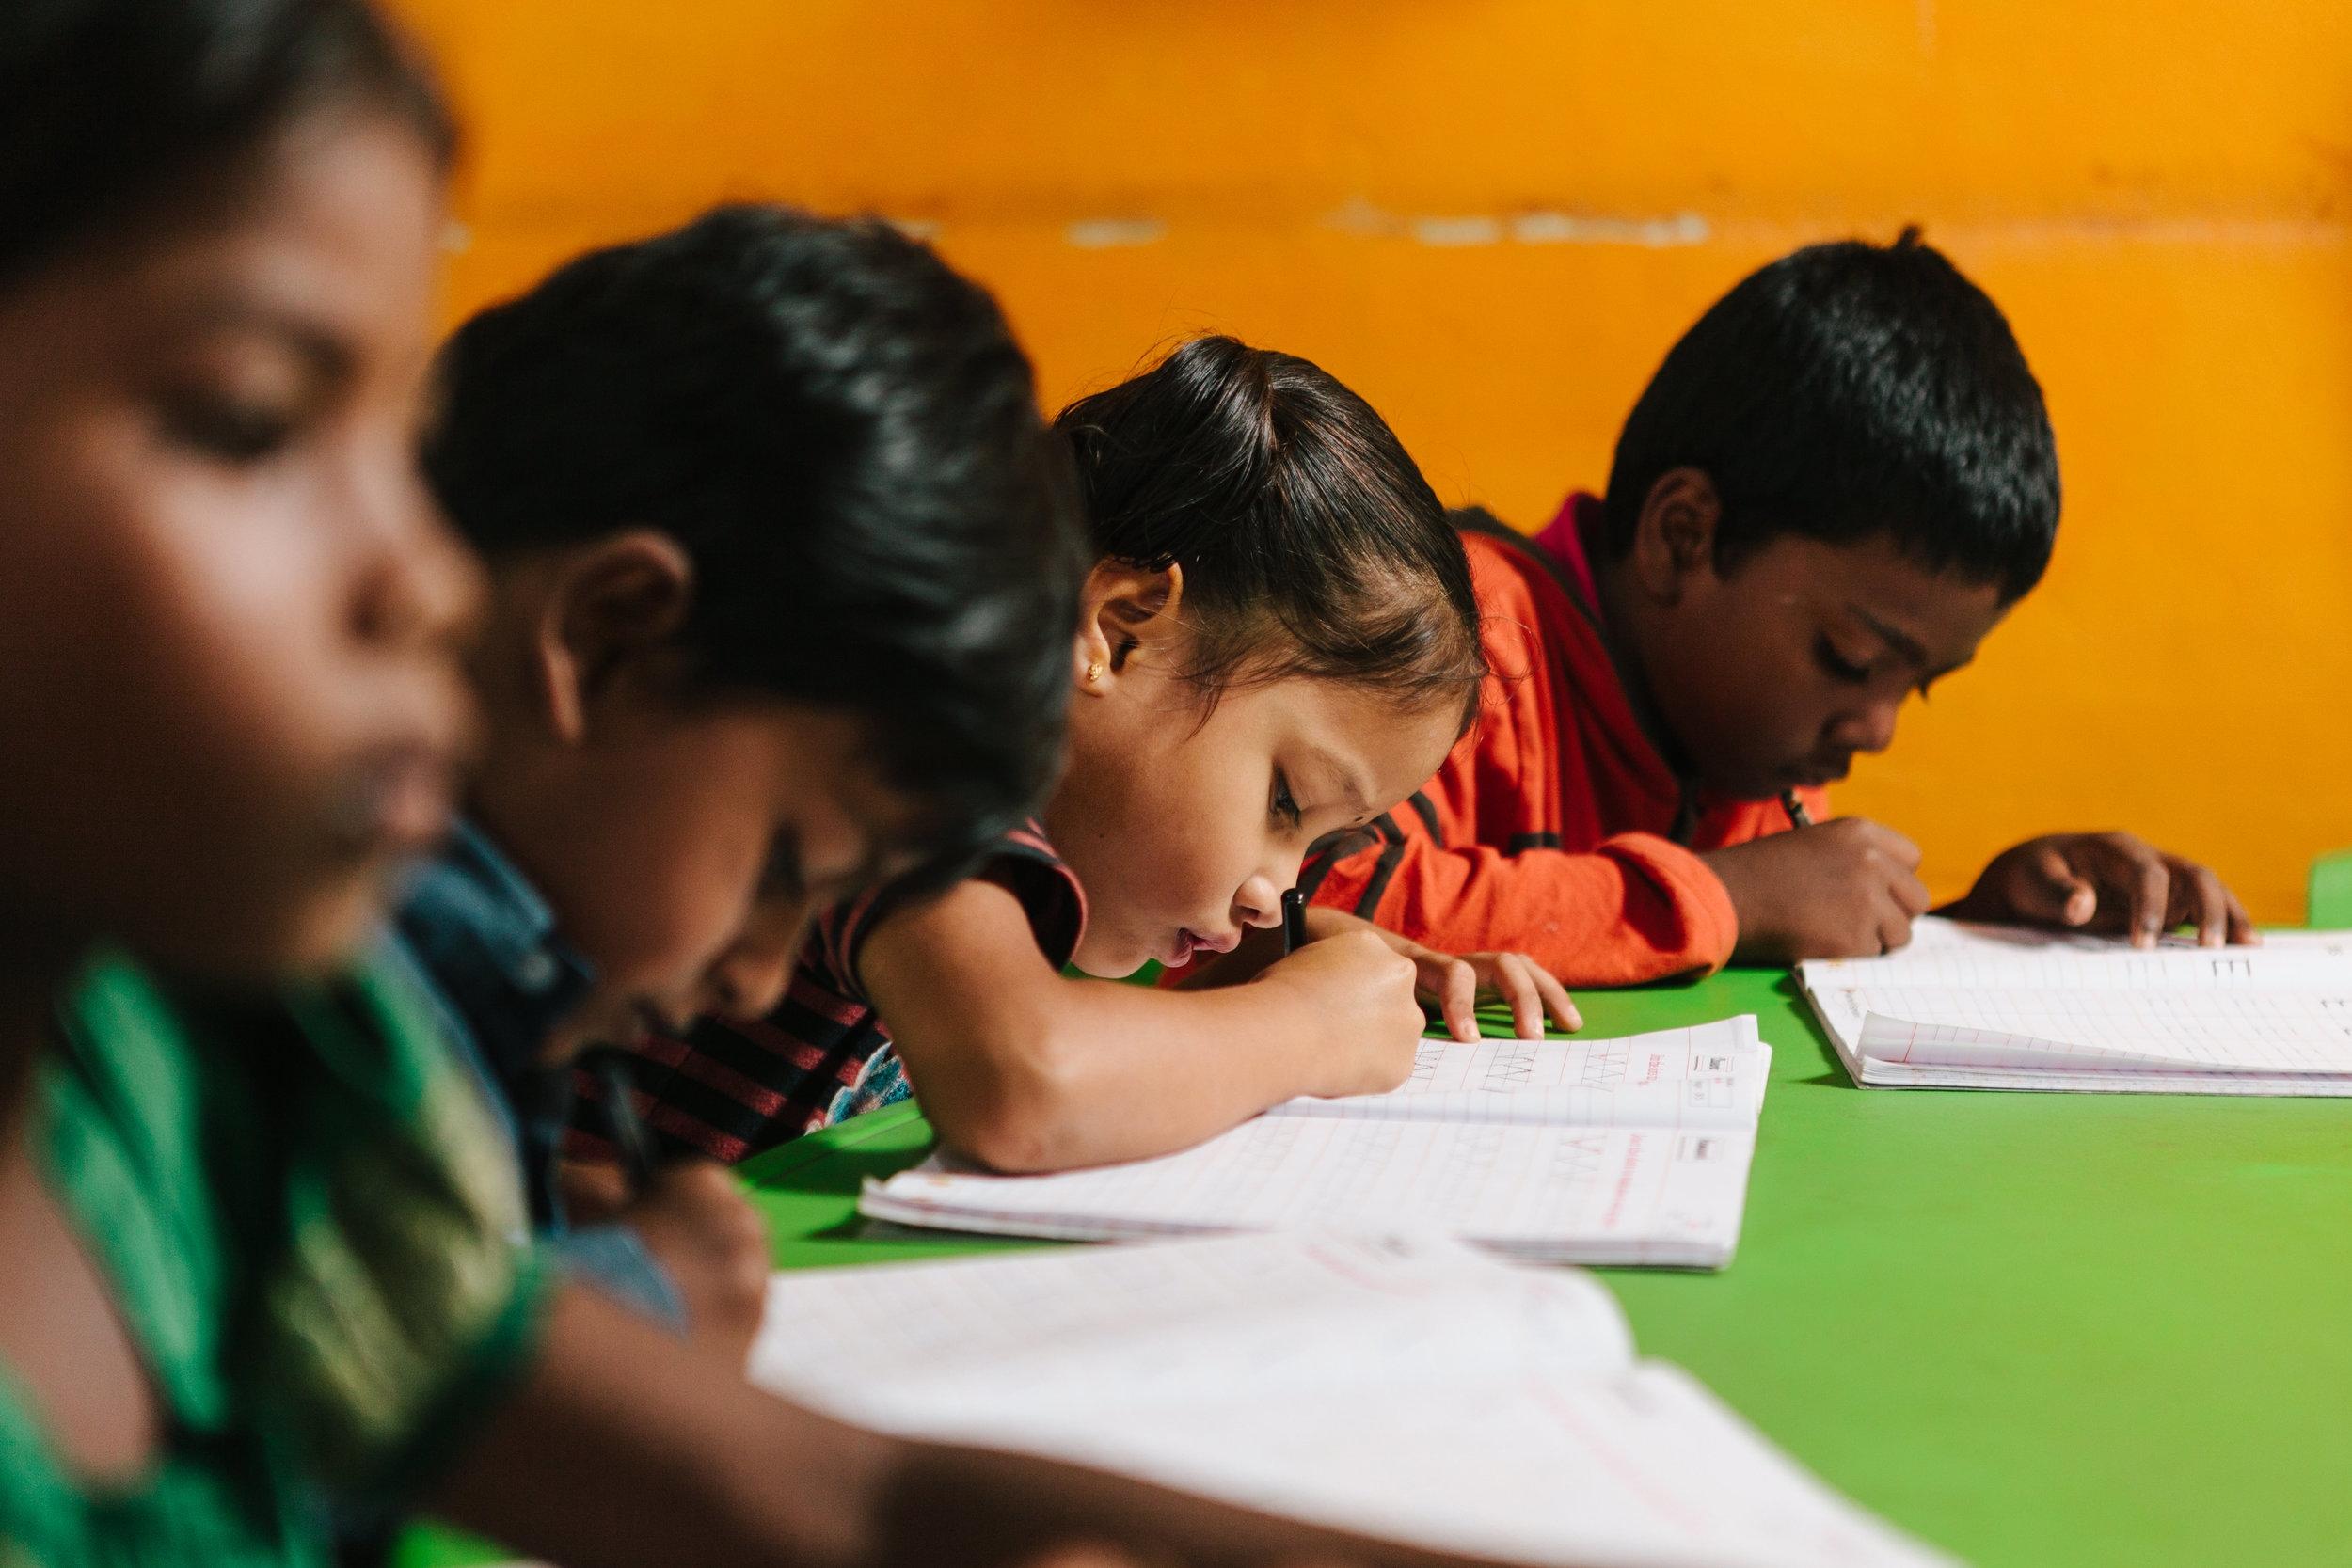 Enrollment - 24 students